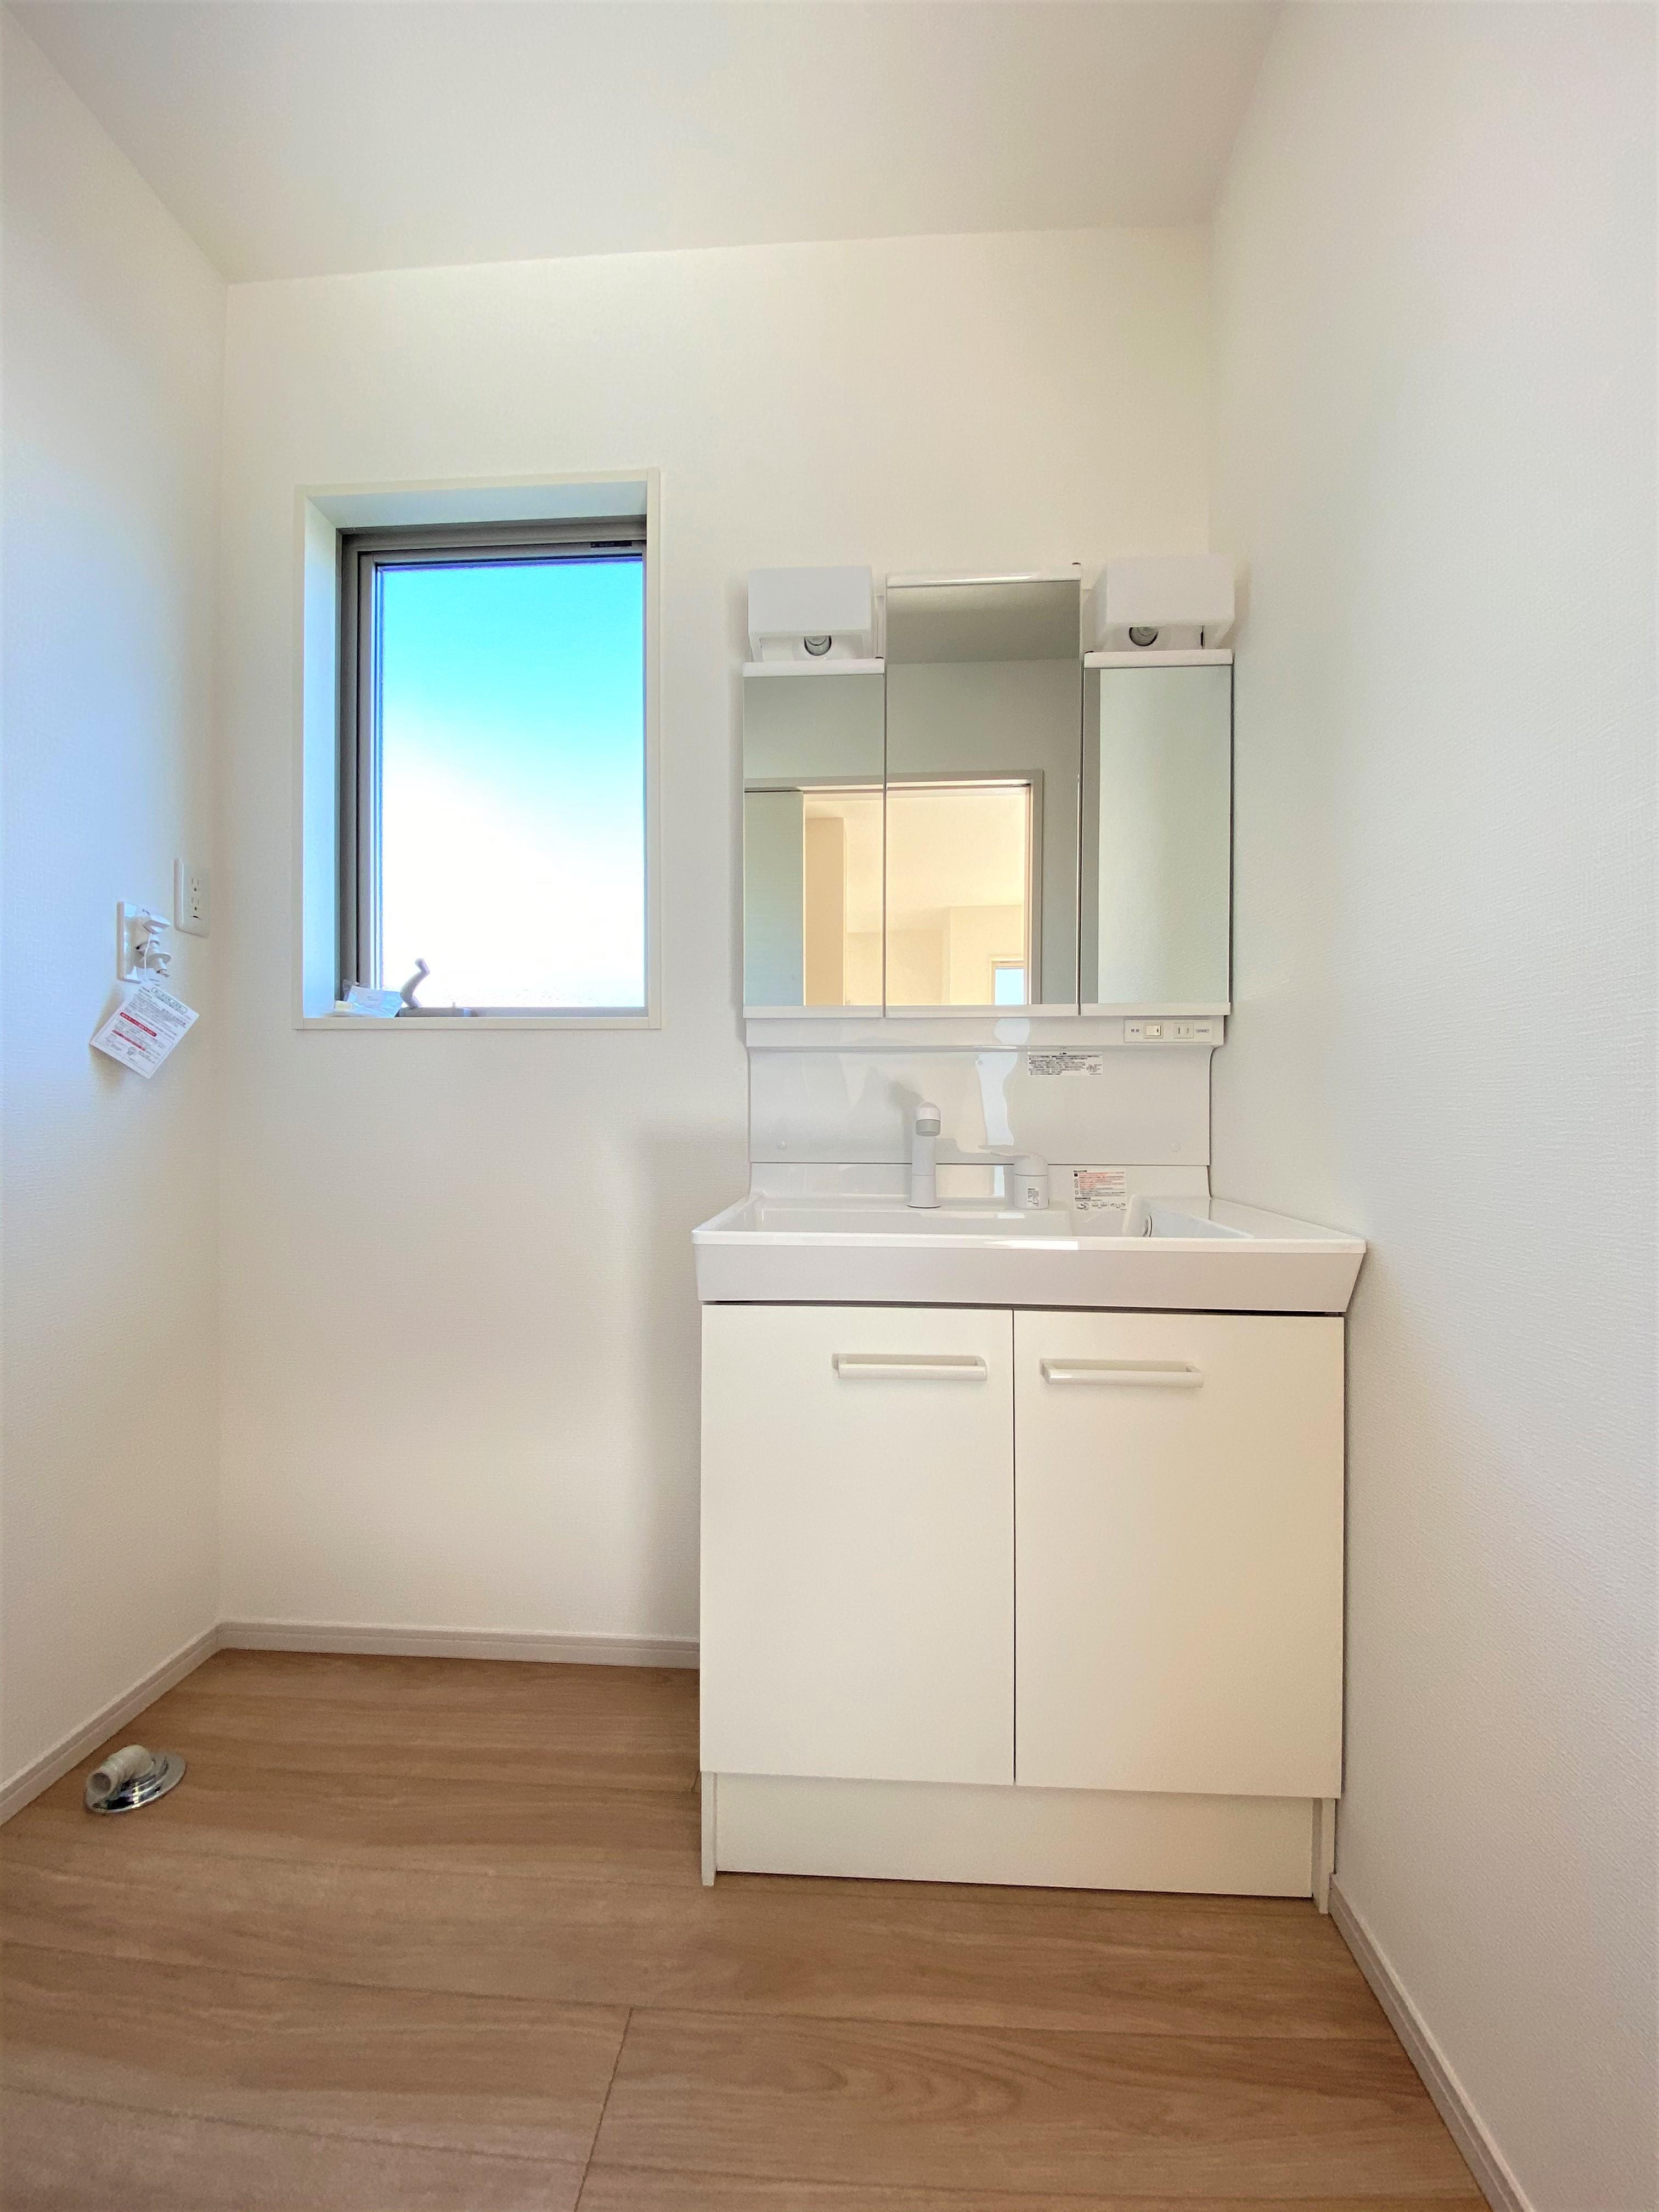 洗面台・洗面所2号棟|洗面脱衣所には使いやすい三面鏡の洗面台を設置しました。鏡の裏側には便利な収納スペースもついており、使いやすい仕様です。